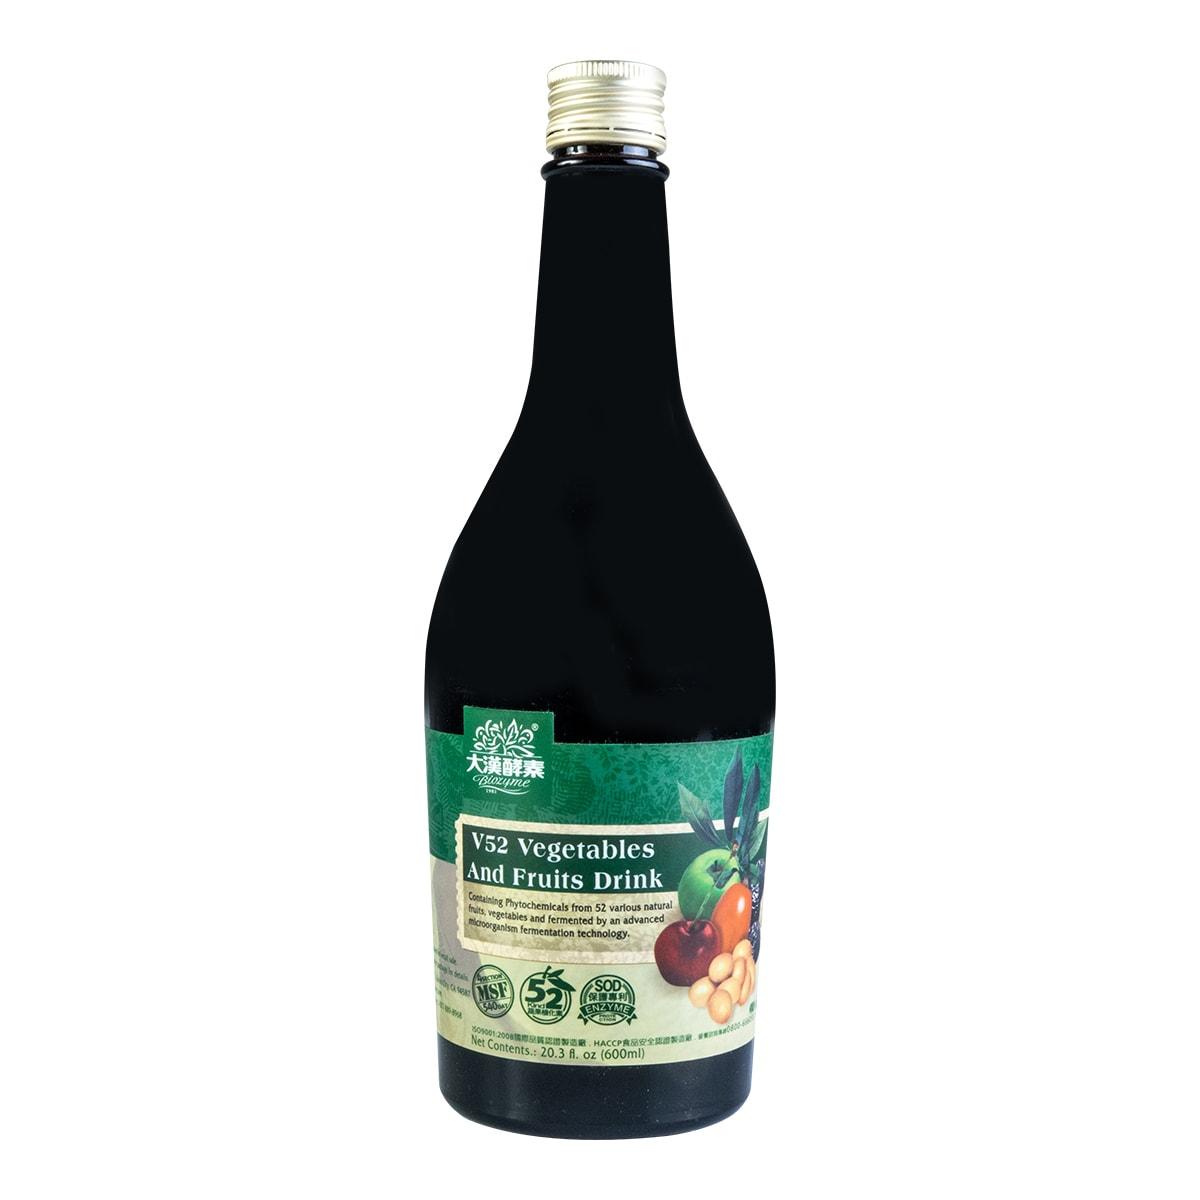 台湾大汉酵素 V52蔬果植物发酵液 600ml 调节生理机能 怎么样 - 亚米网